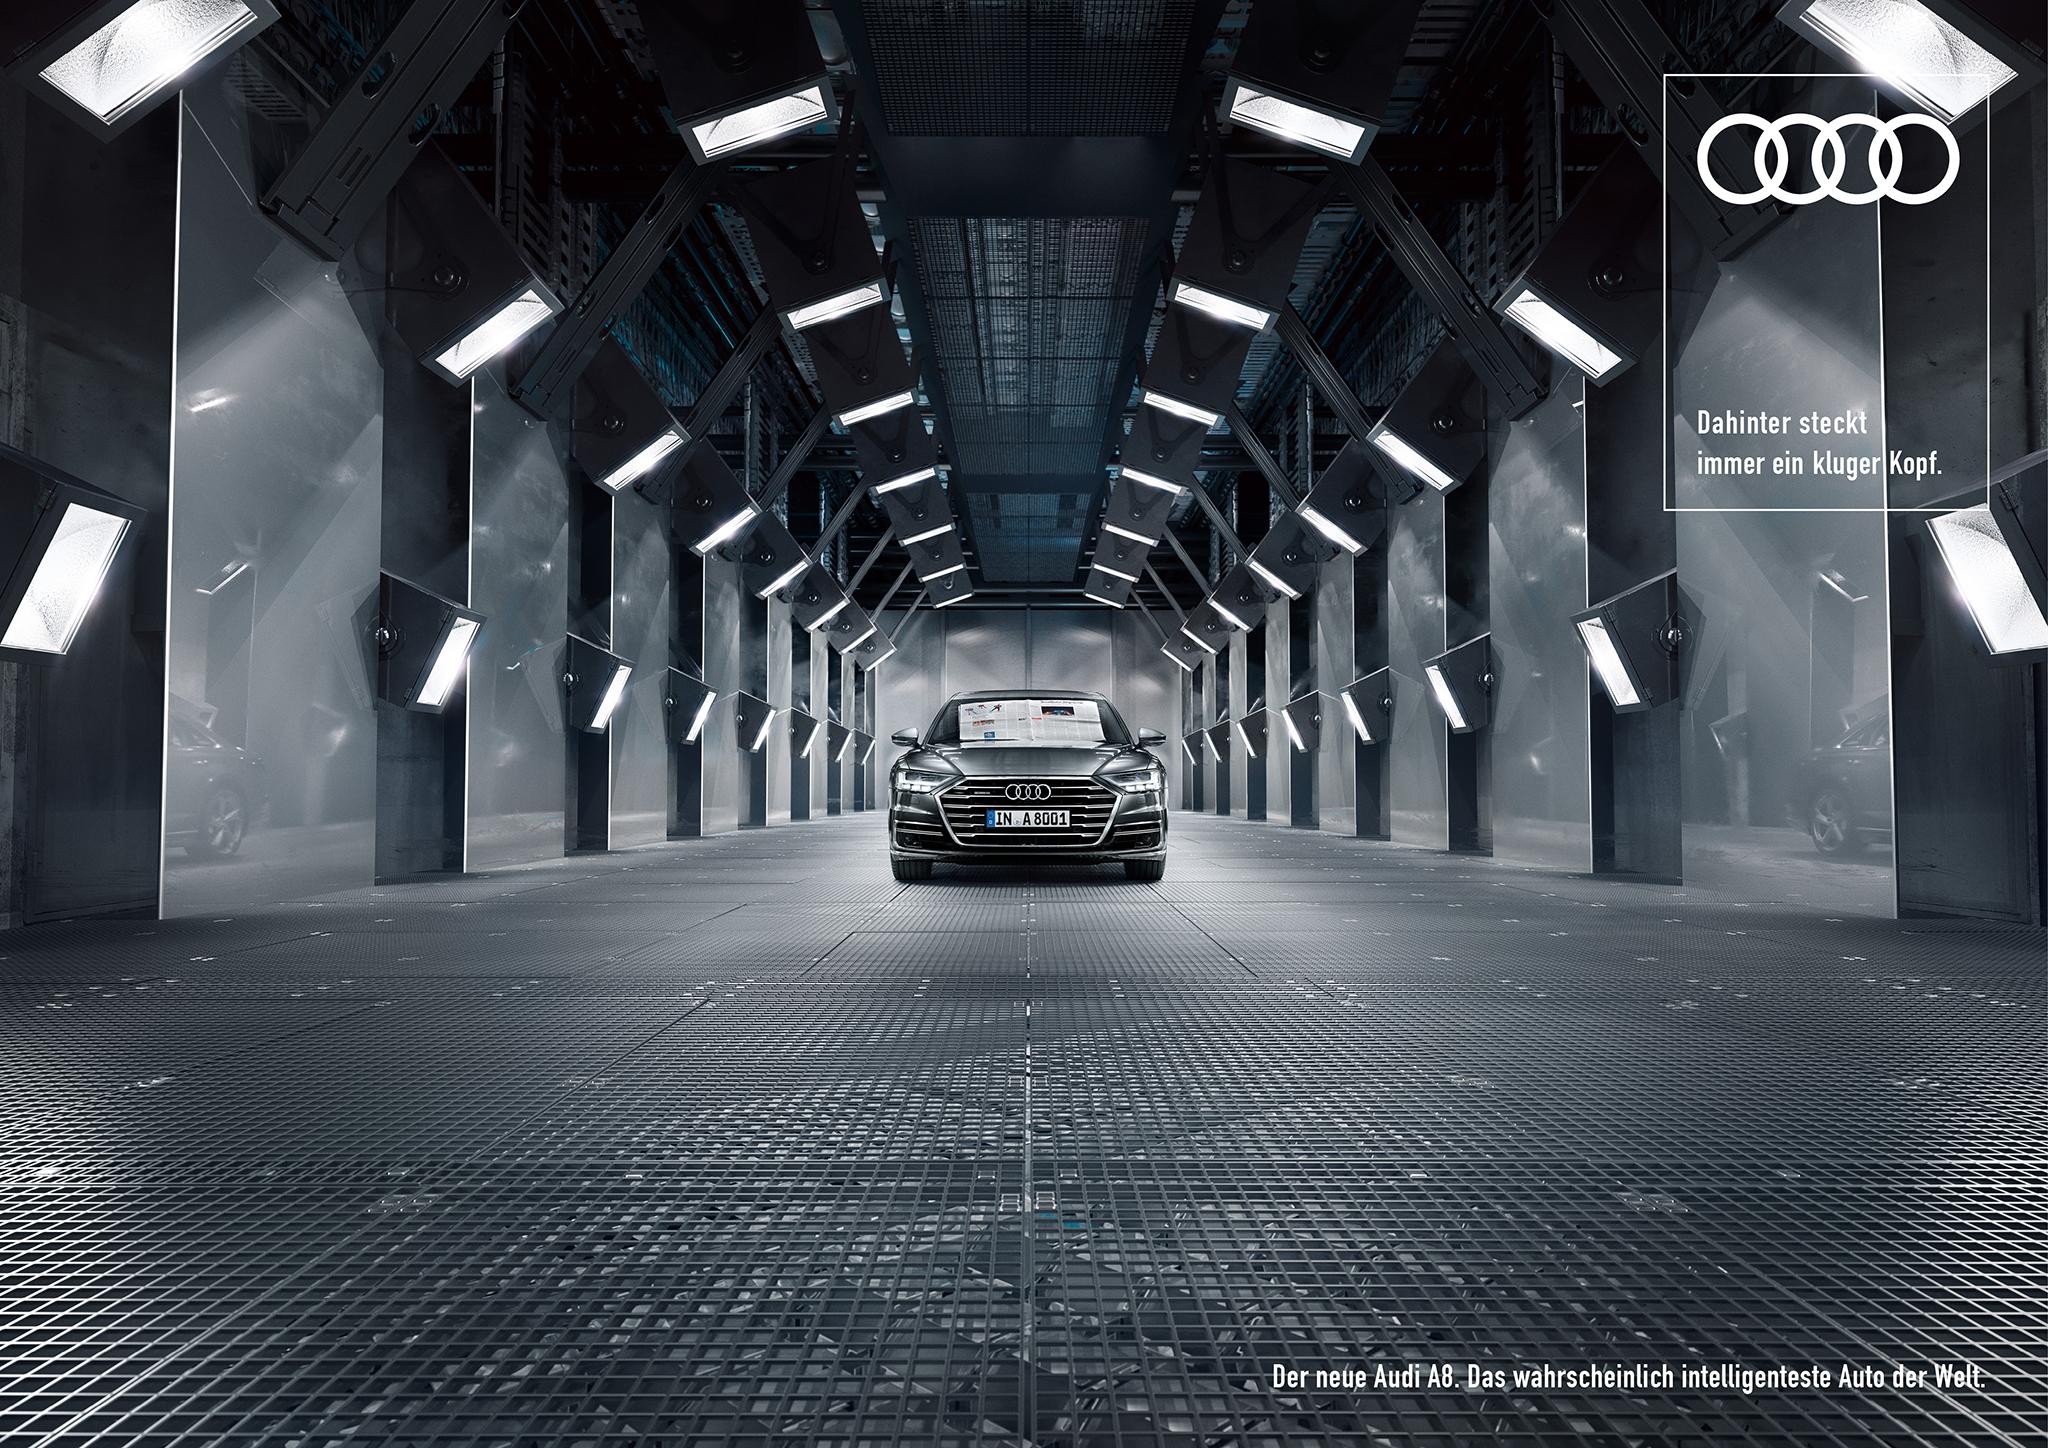 KolleRebbe_Audi_DahinterStecktImmerEinKlugesAuto